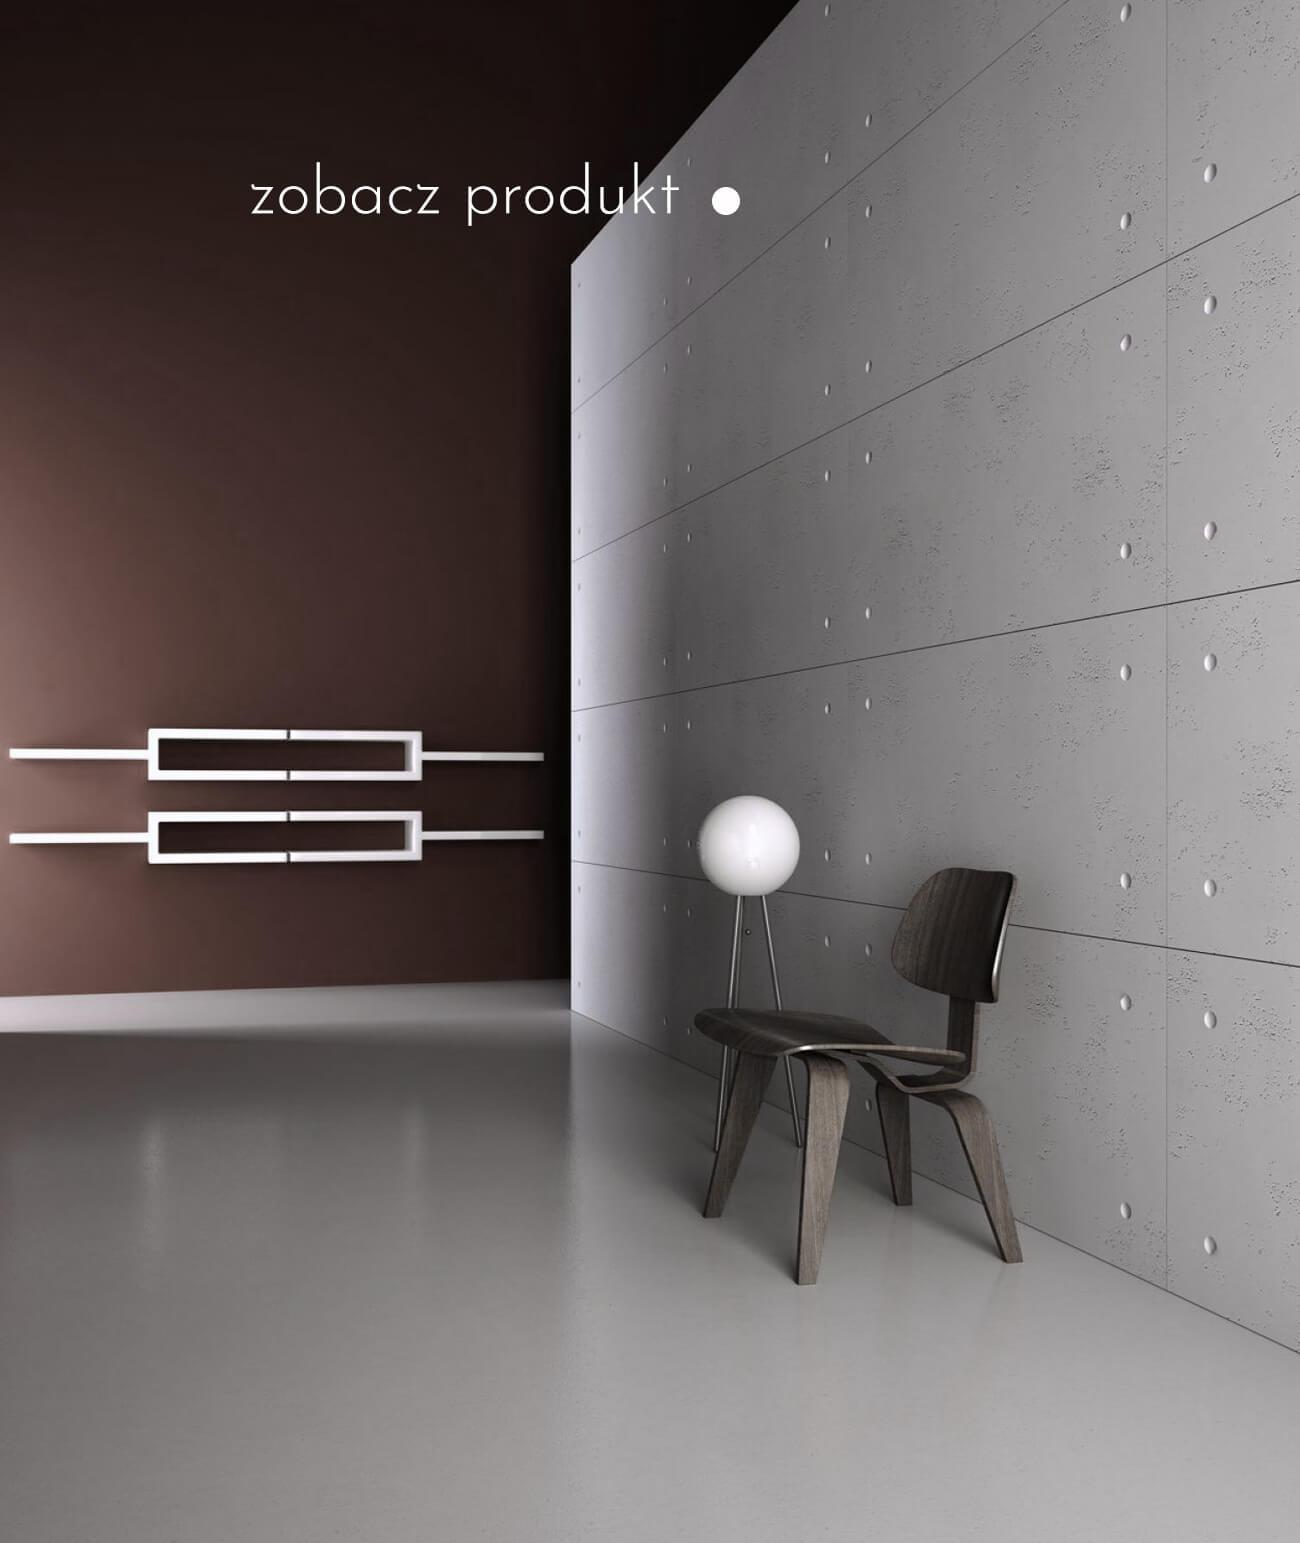 panele-betonowe-3d-scienne-i-elewacyjne-beton-architektoniczny_918-20111-pb30-s50-jasny-szary-mysi-standard---panel-dekor-3d-beton-architektoniczny-panel-scienny